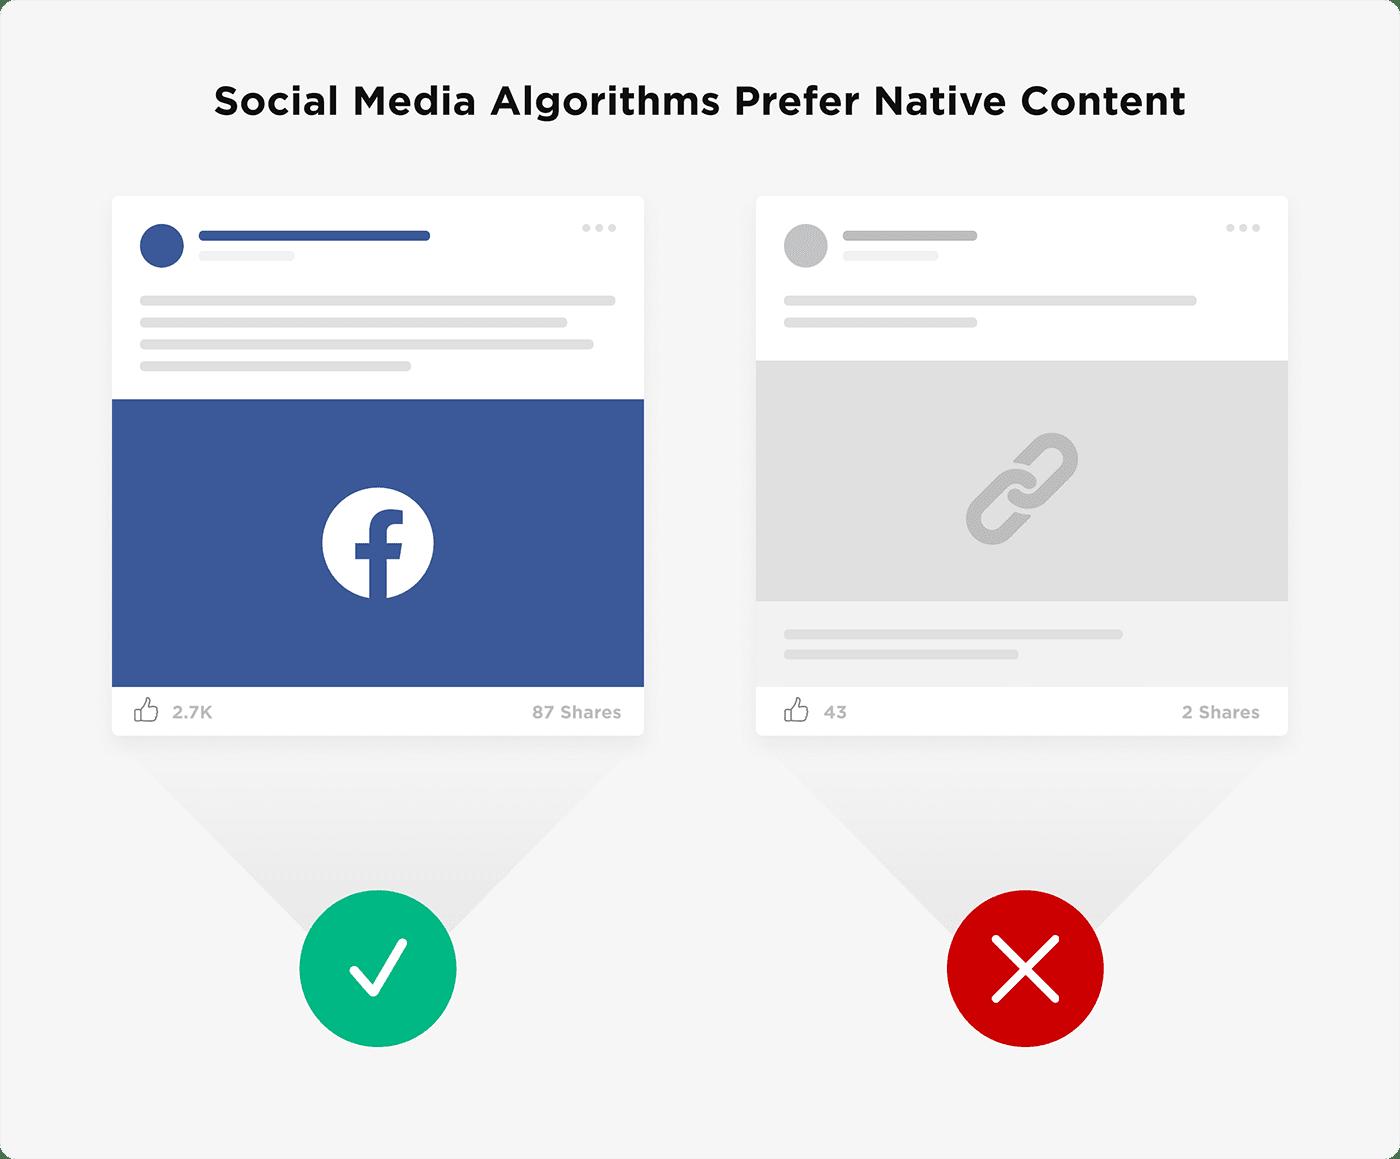 Thuật toán truyền thông xã hội thích nội dung bản địa